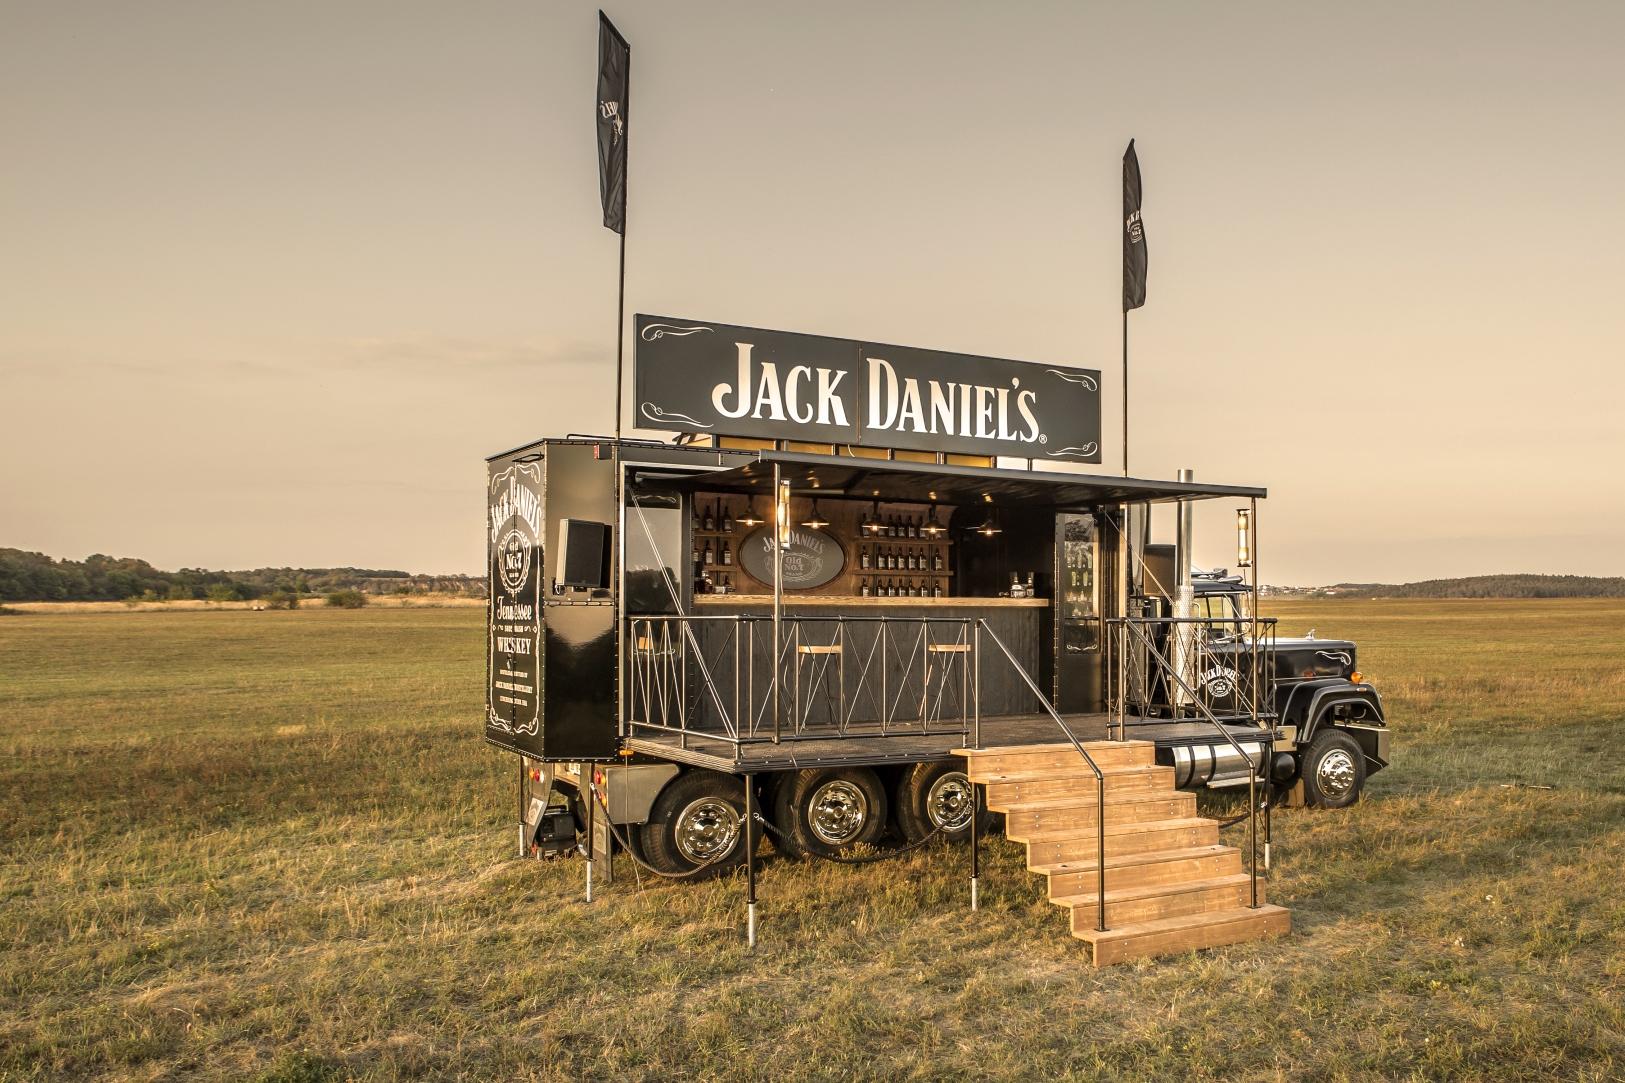 4_1625x1083_Jack_Daniels_Truck.jpg